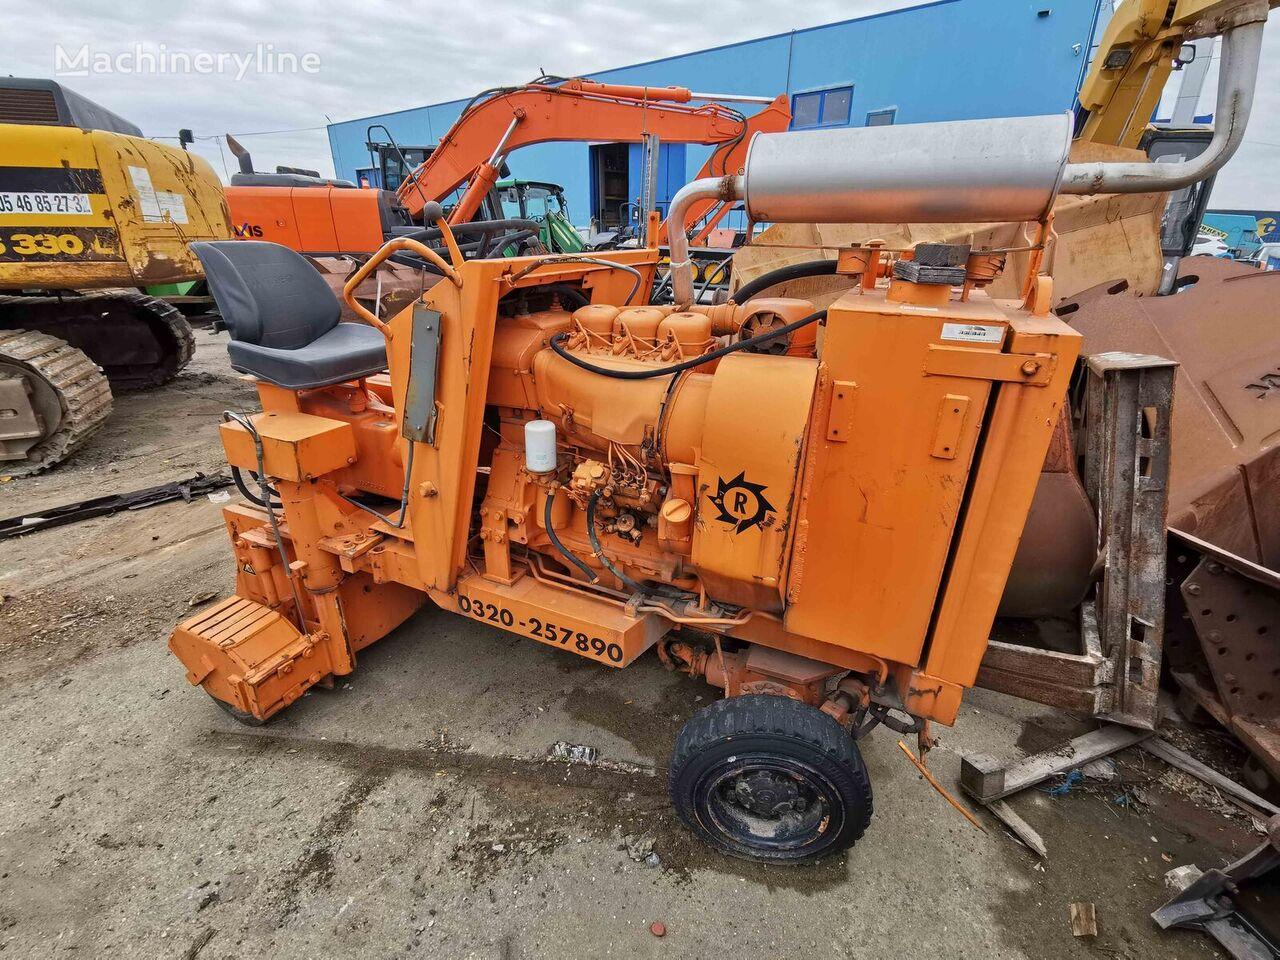 WIRTGEN SF500C asphalt milling machine